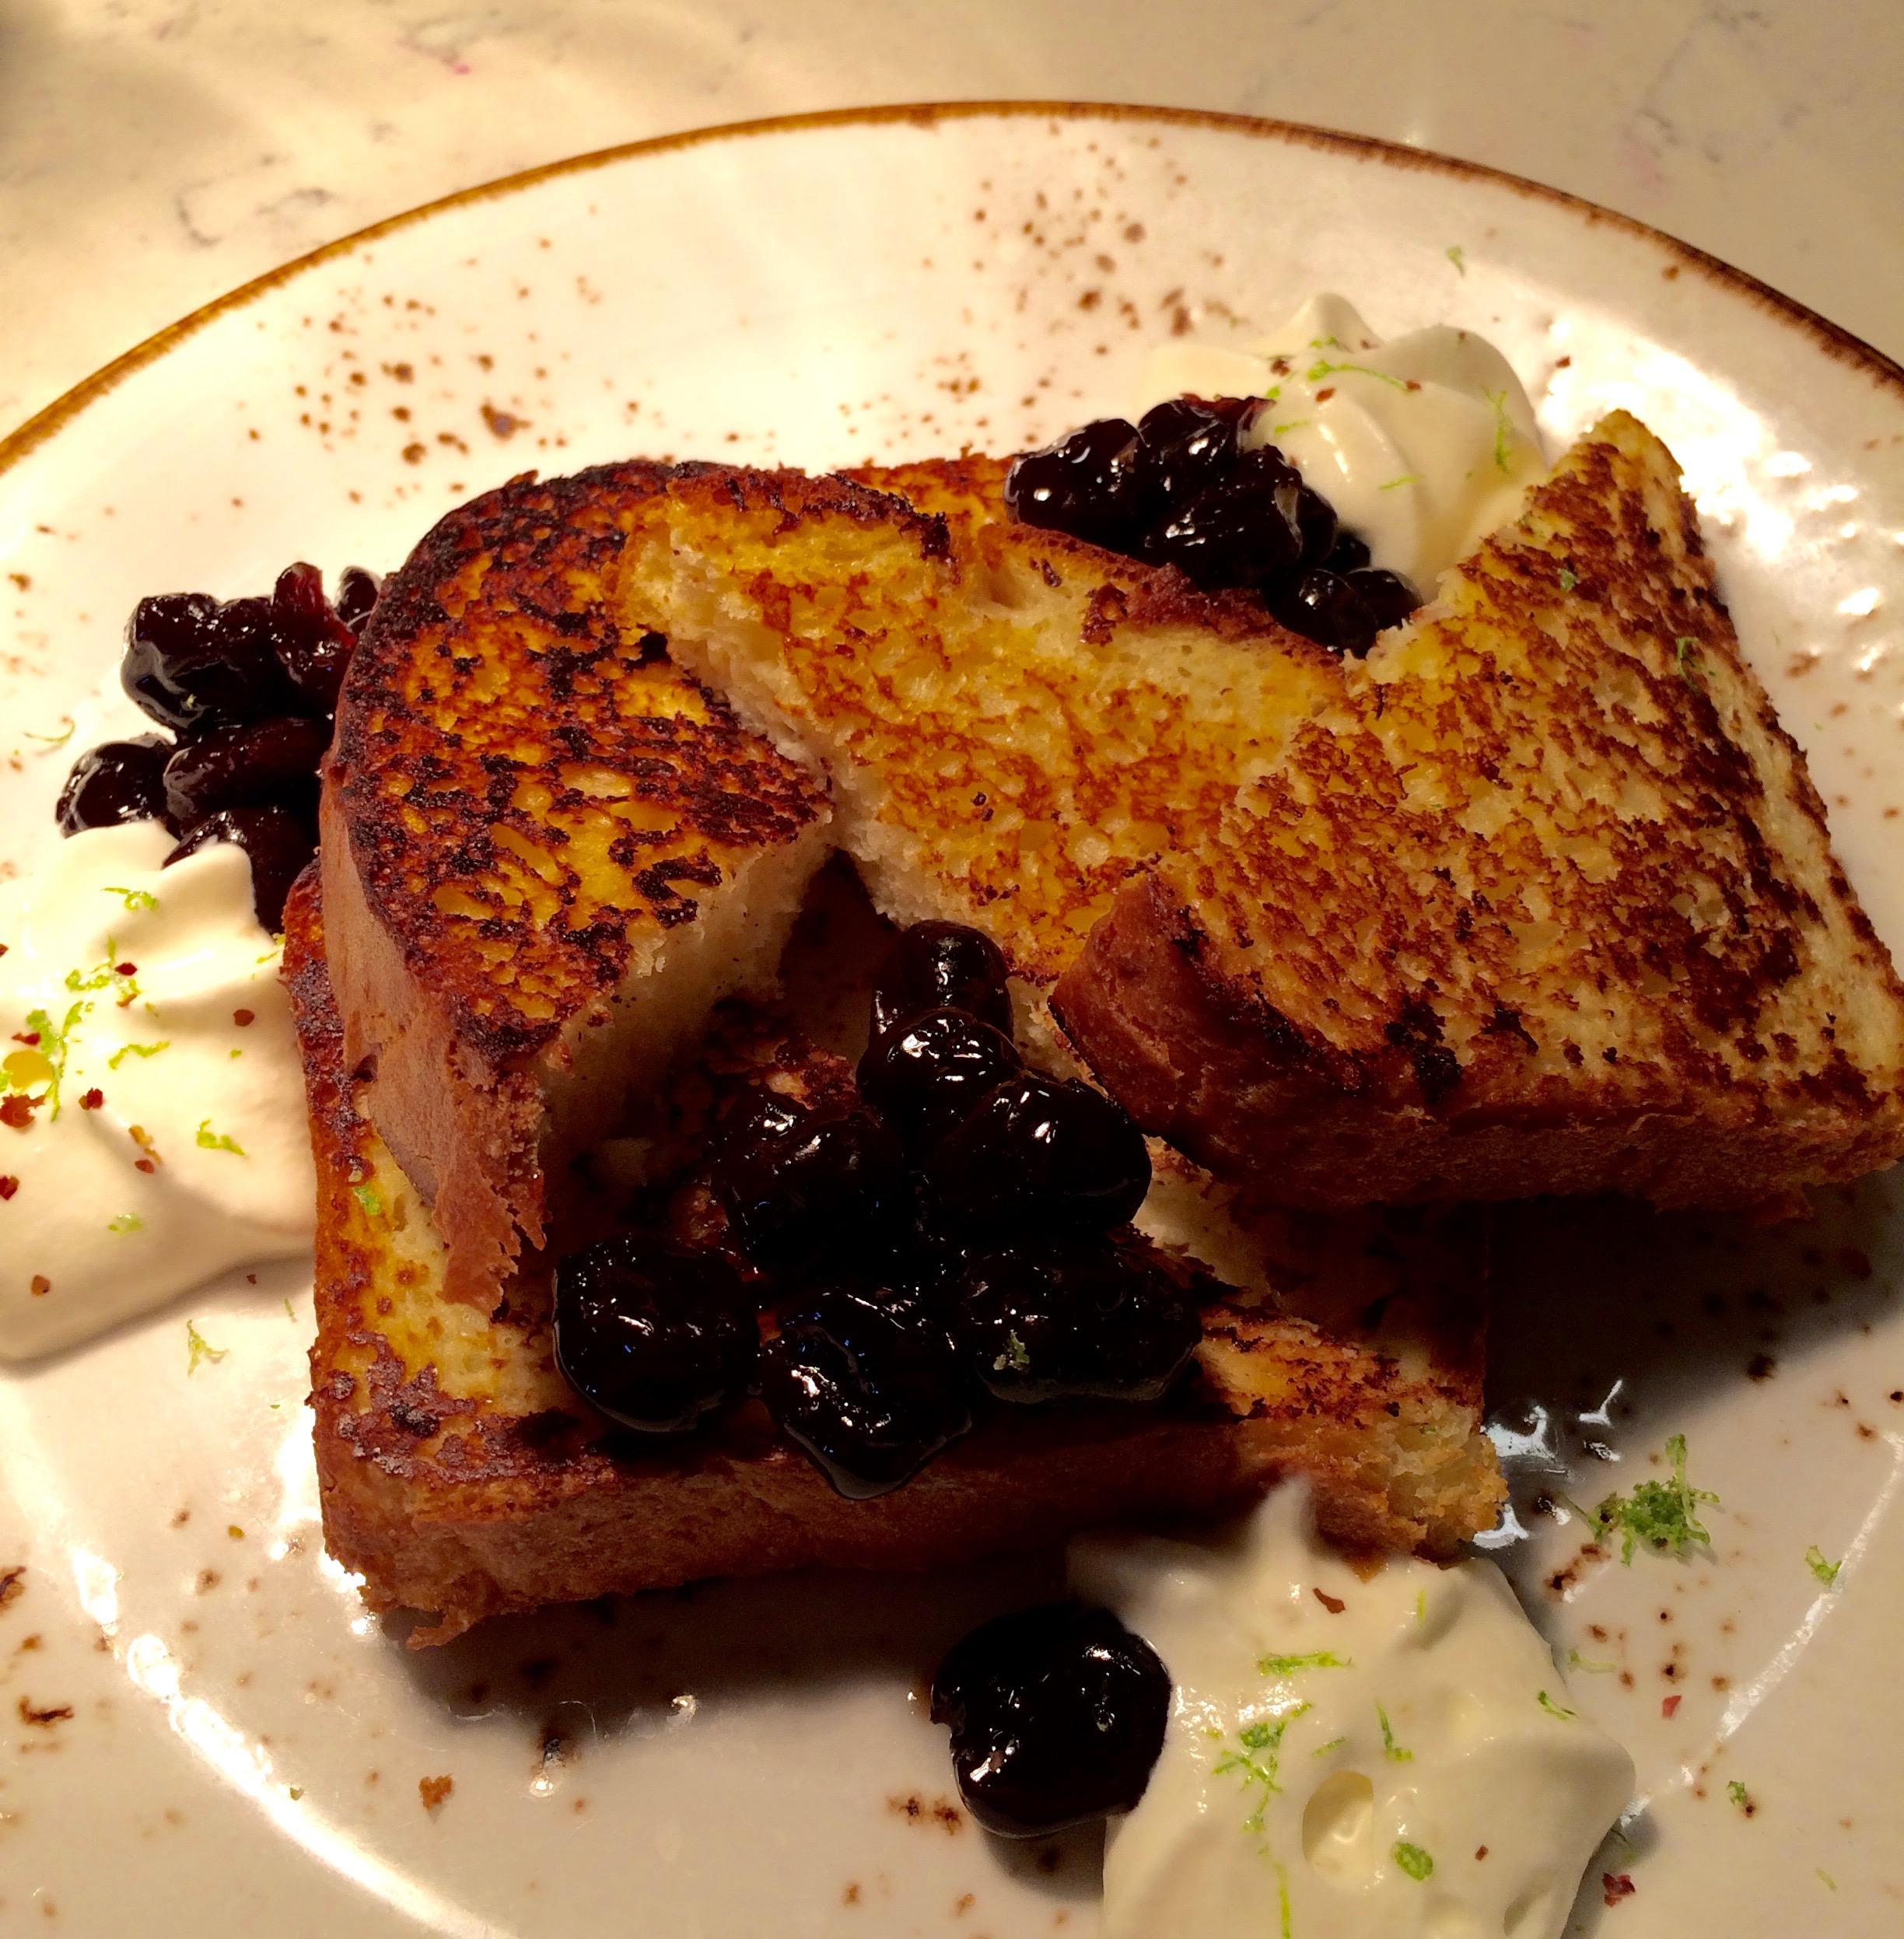 RockSalt Brunch - French Toast